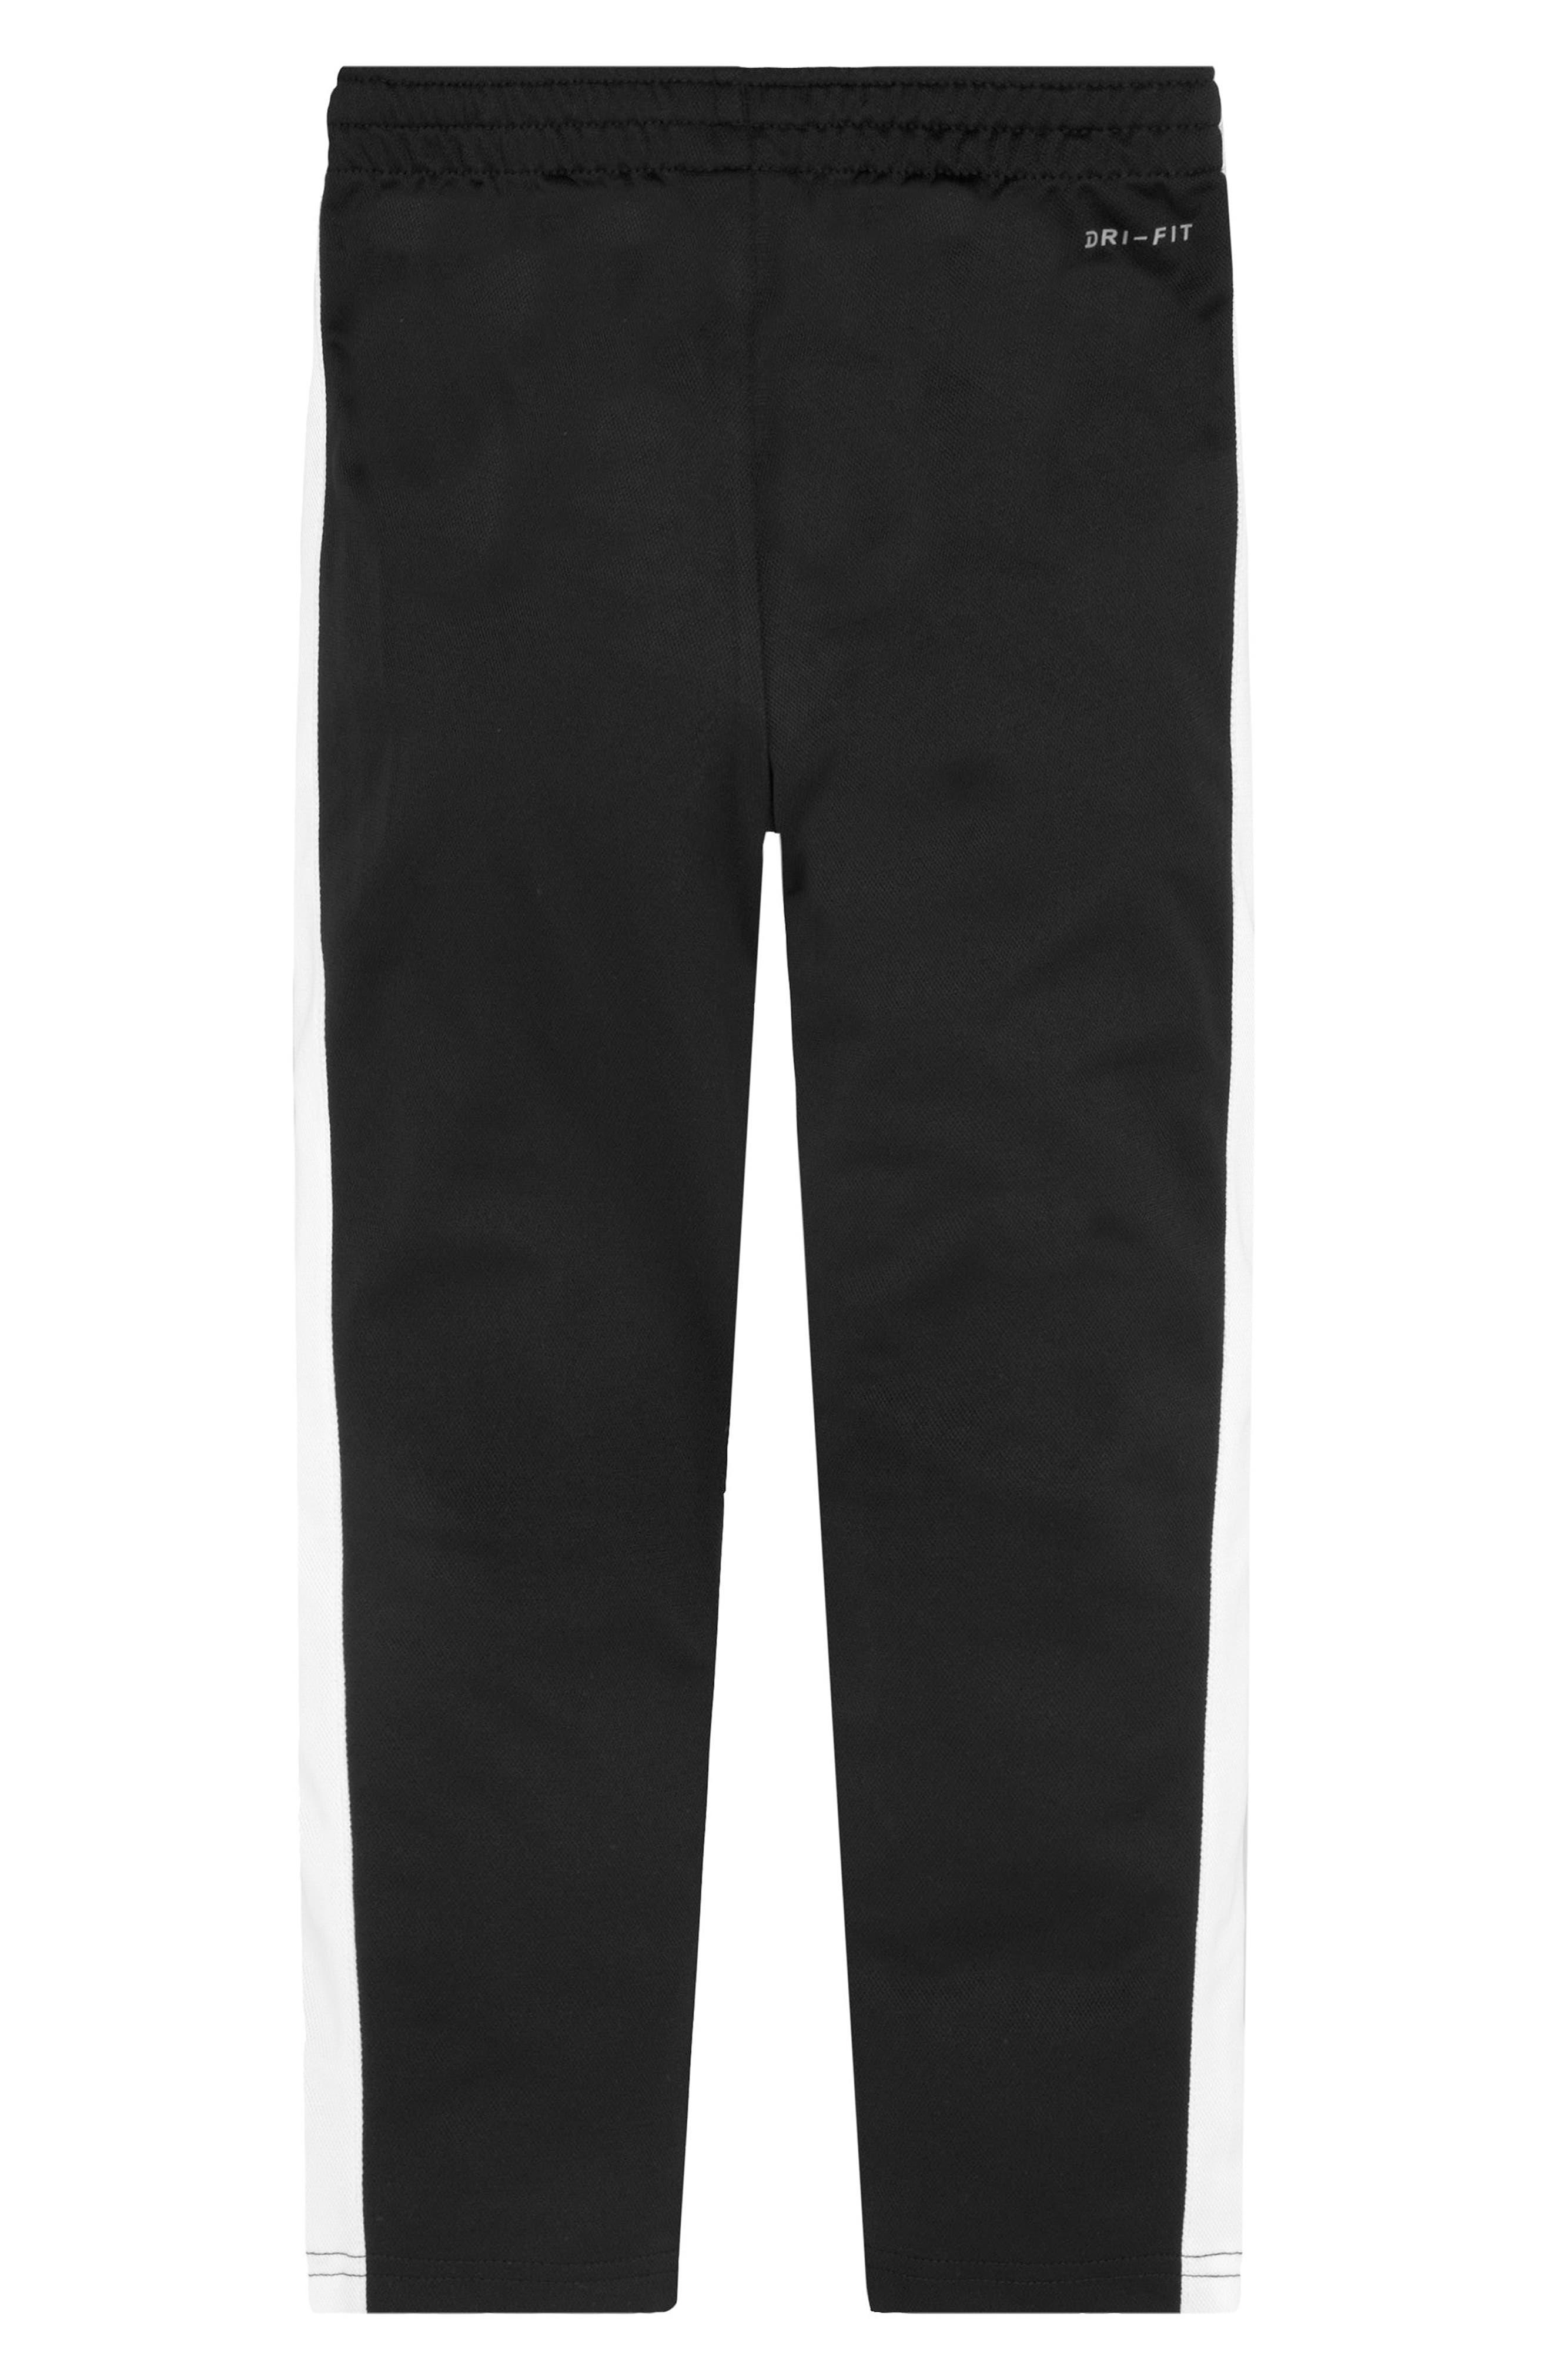 NIKE, Performance Knit Track Pants, Alternate thumbnail 2, color, BLACK